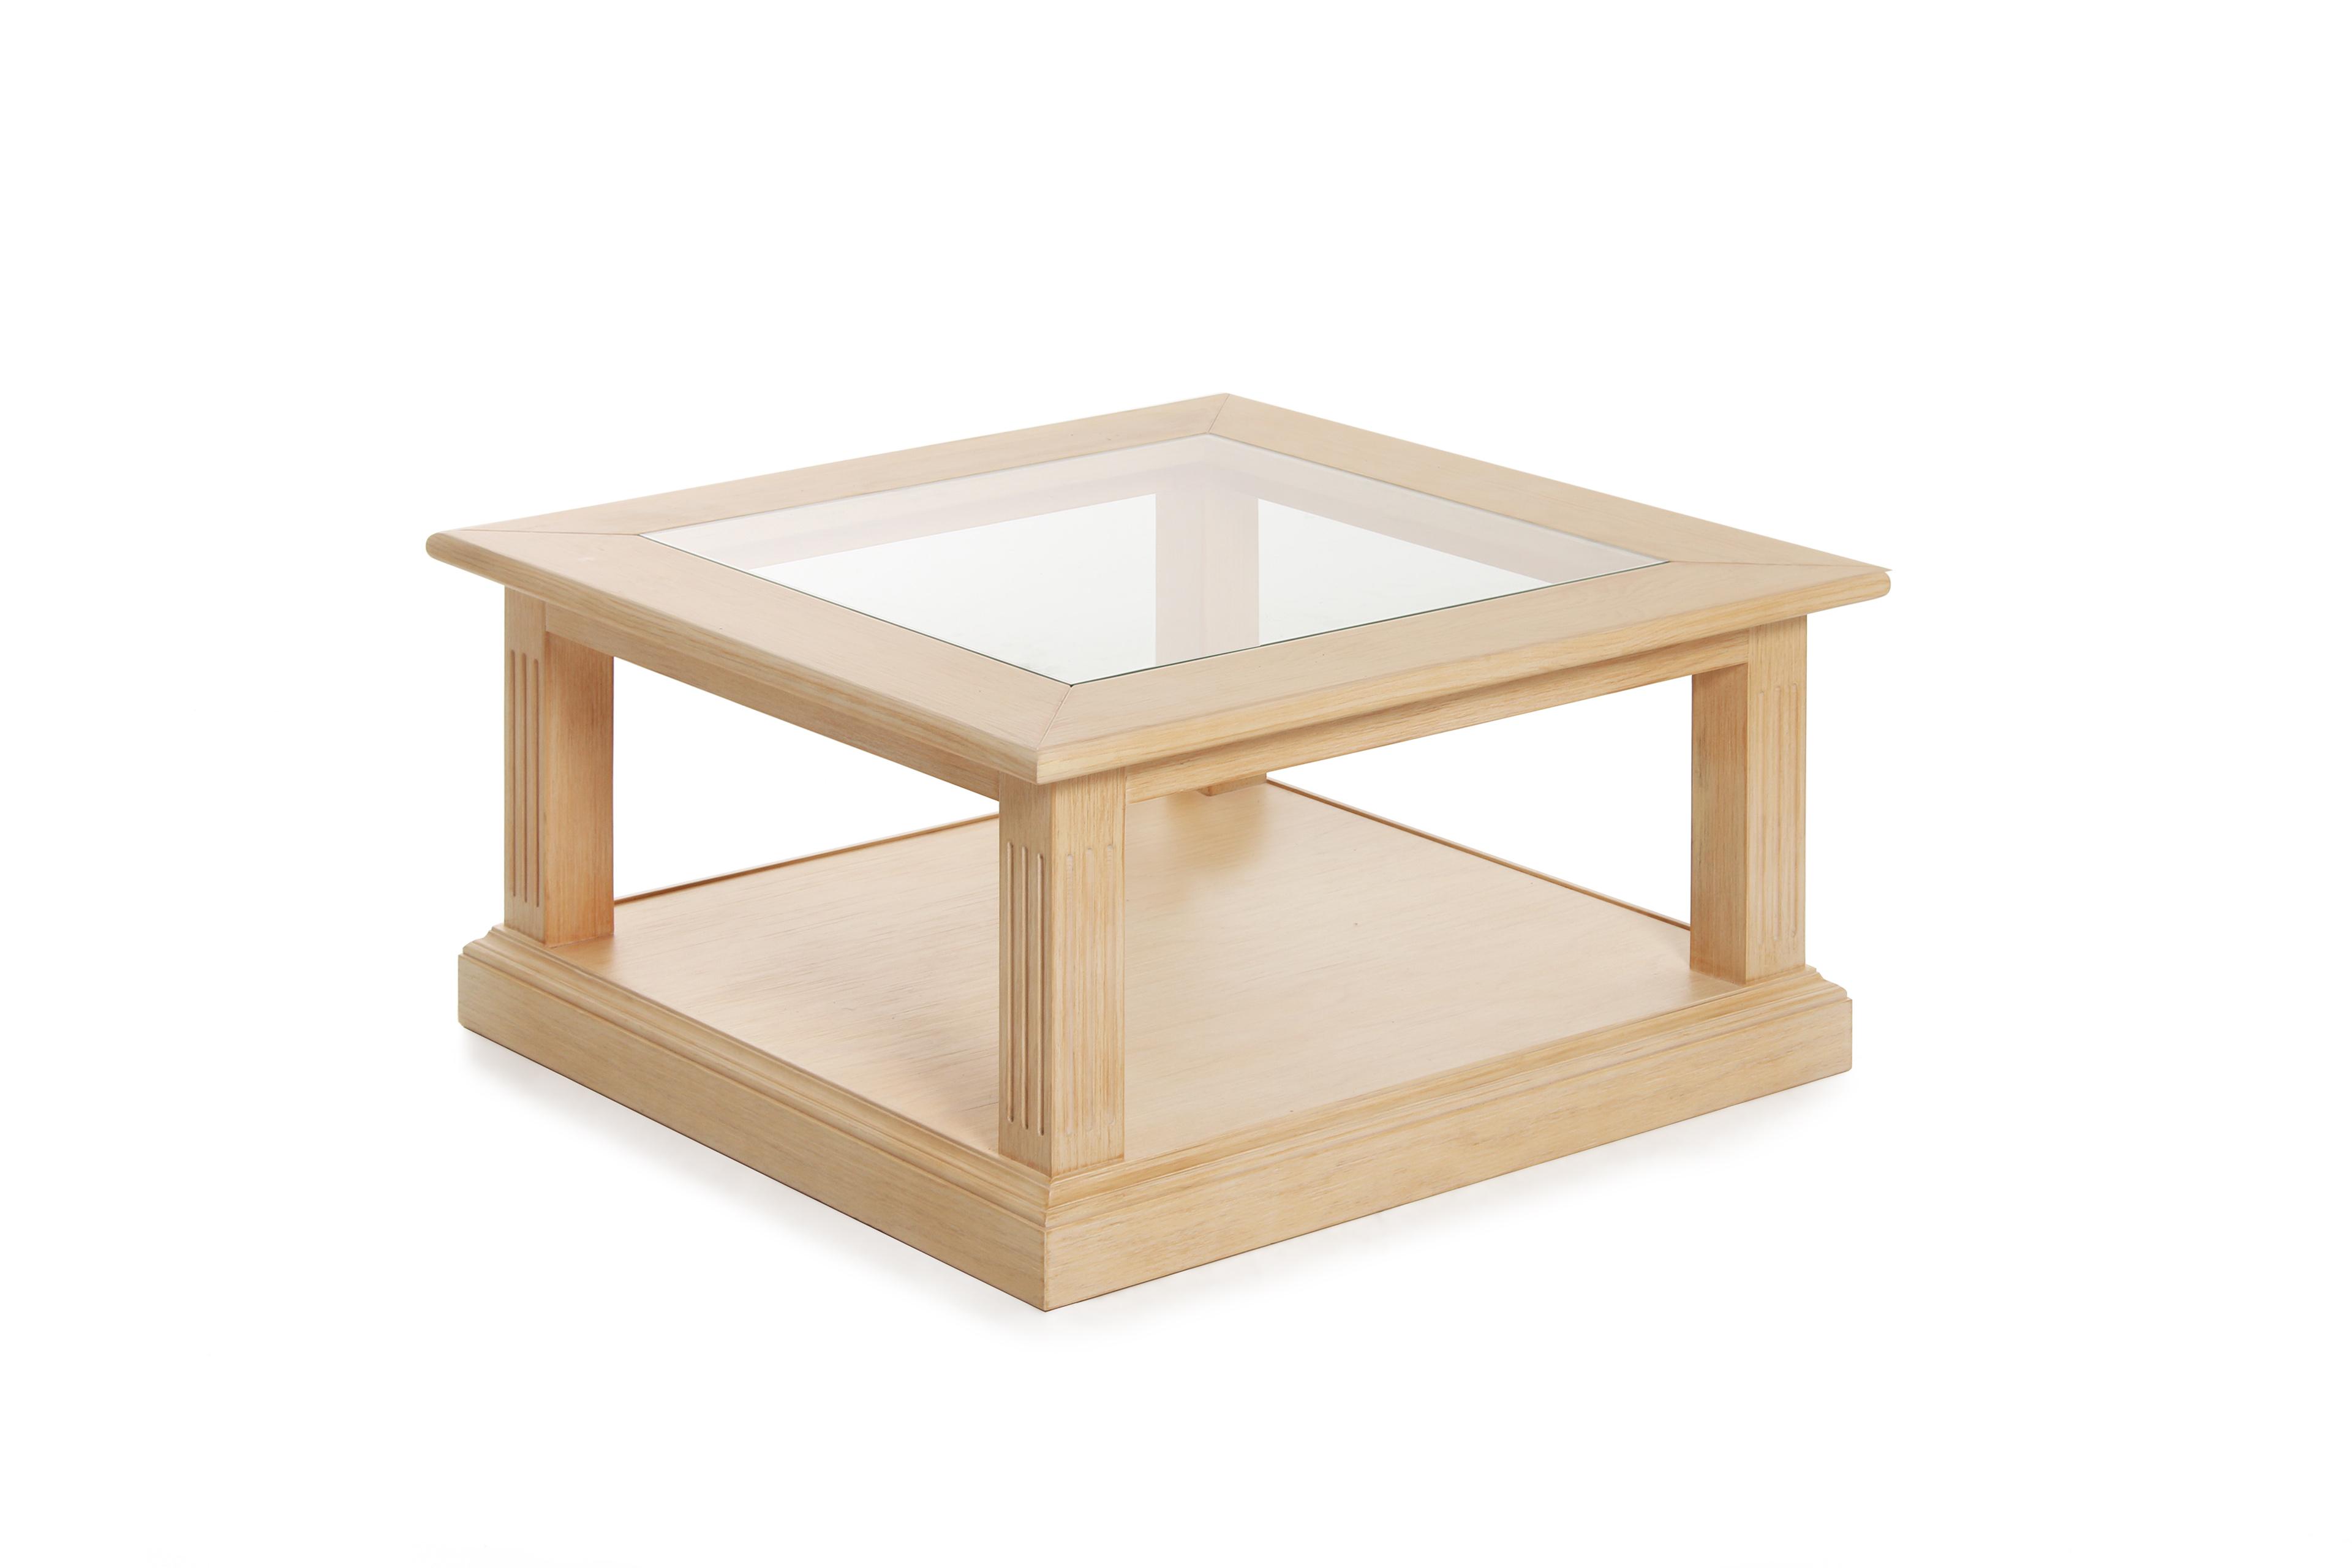 couchtisch cadiz pinie glas von rojas mobiliario m bel letz ihr online shop. Black Bedroom Furniture Sets. Home Design Ideas